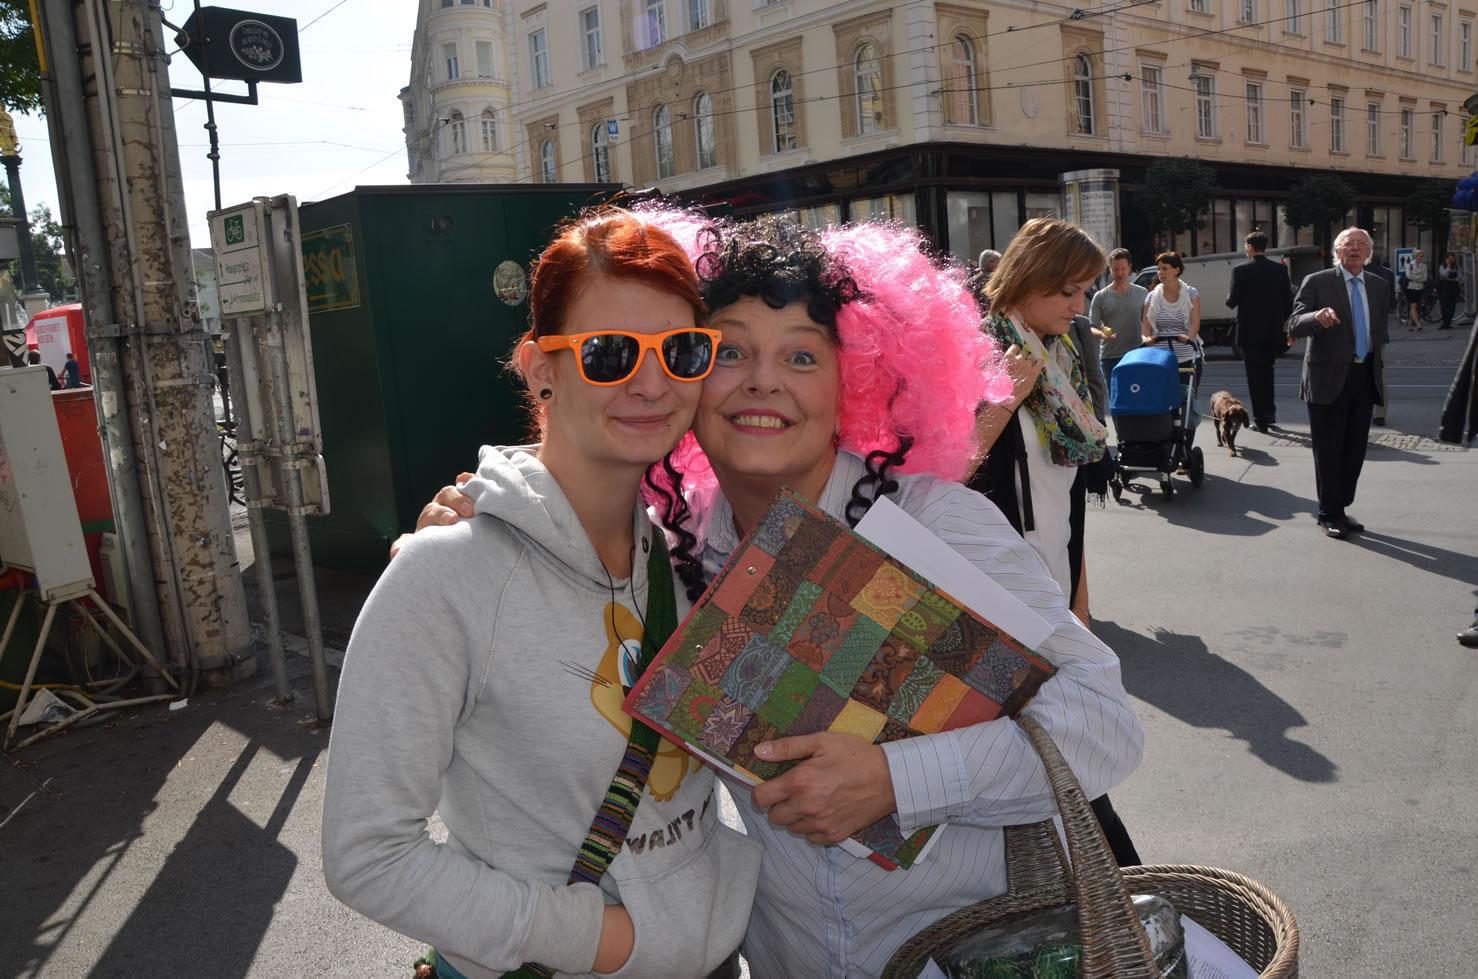 Betty Baloo sammelt Unterschriften Grazer Gemeinderatswahlen mit Brillenfrau